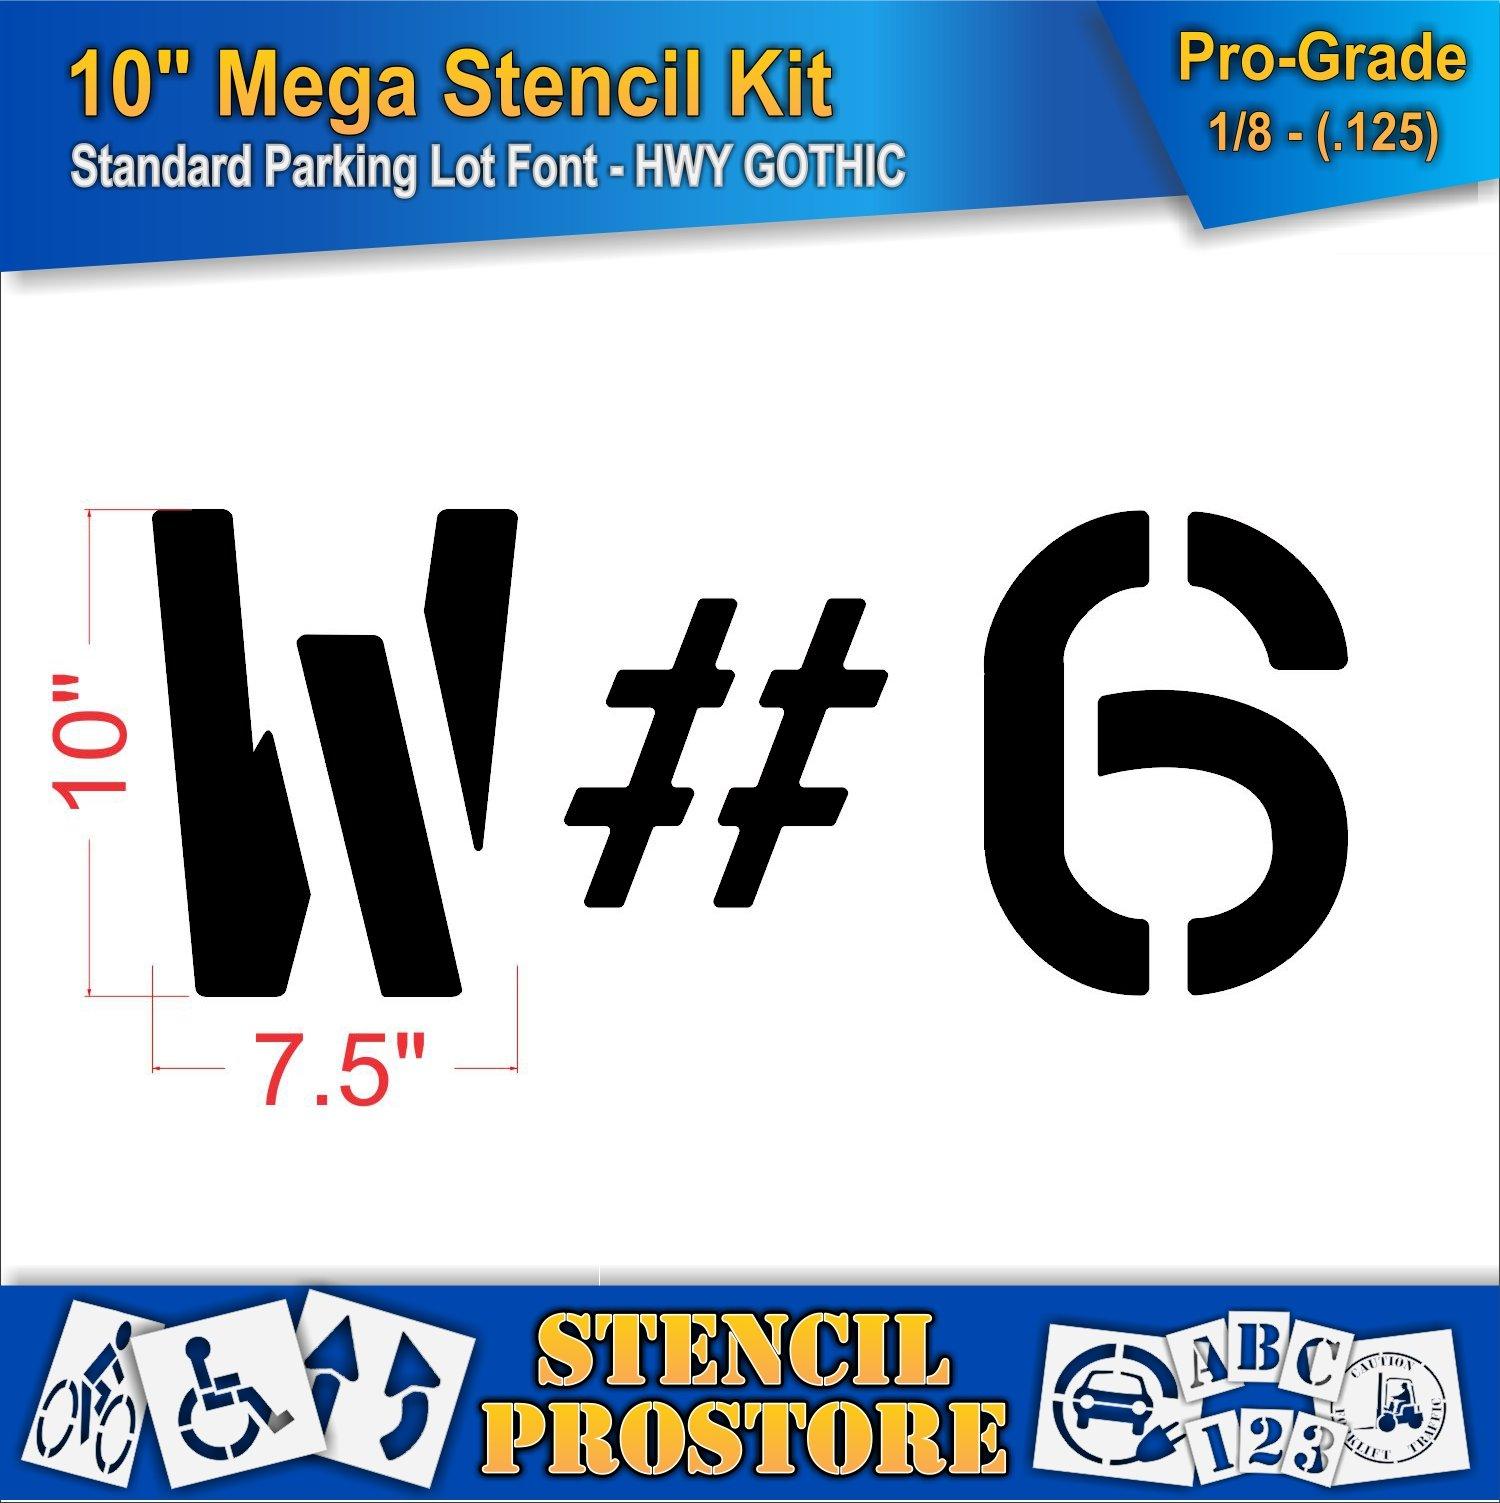 Pavement Stencils -10 inch MEGA Alpha/NUM Set - (64 Piece) - 10'' x 7.5'' x 1/8'' (128 mil) - Pro-Grade by Stencil ProStore (Image #3)